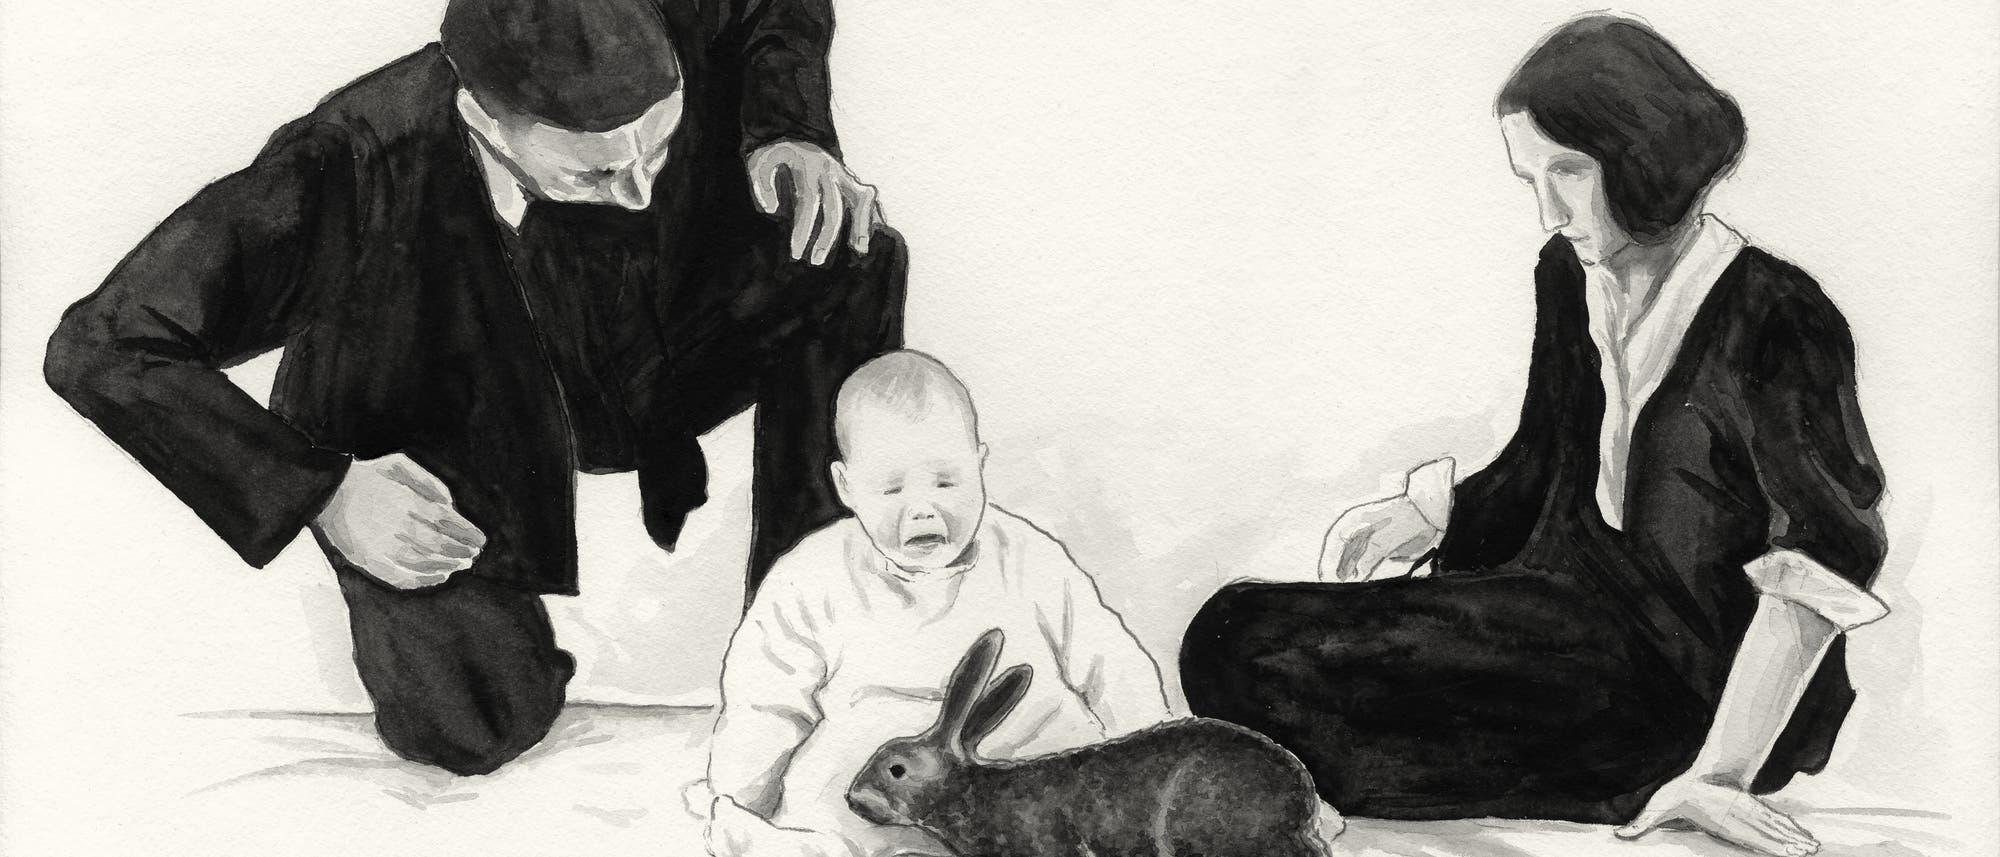 John B. Watsons berüchtigter Versuch mit dem knapp einjährigen Albert, den er darauf konditionierte, sich vor niedlichen Nagern zu fürchten.